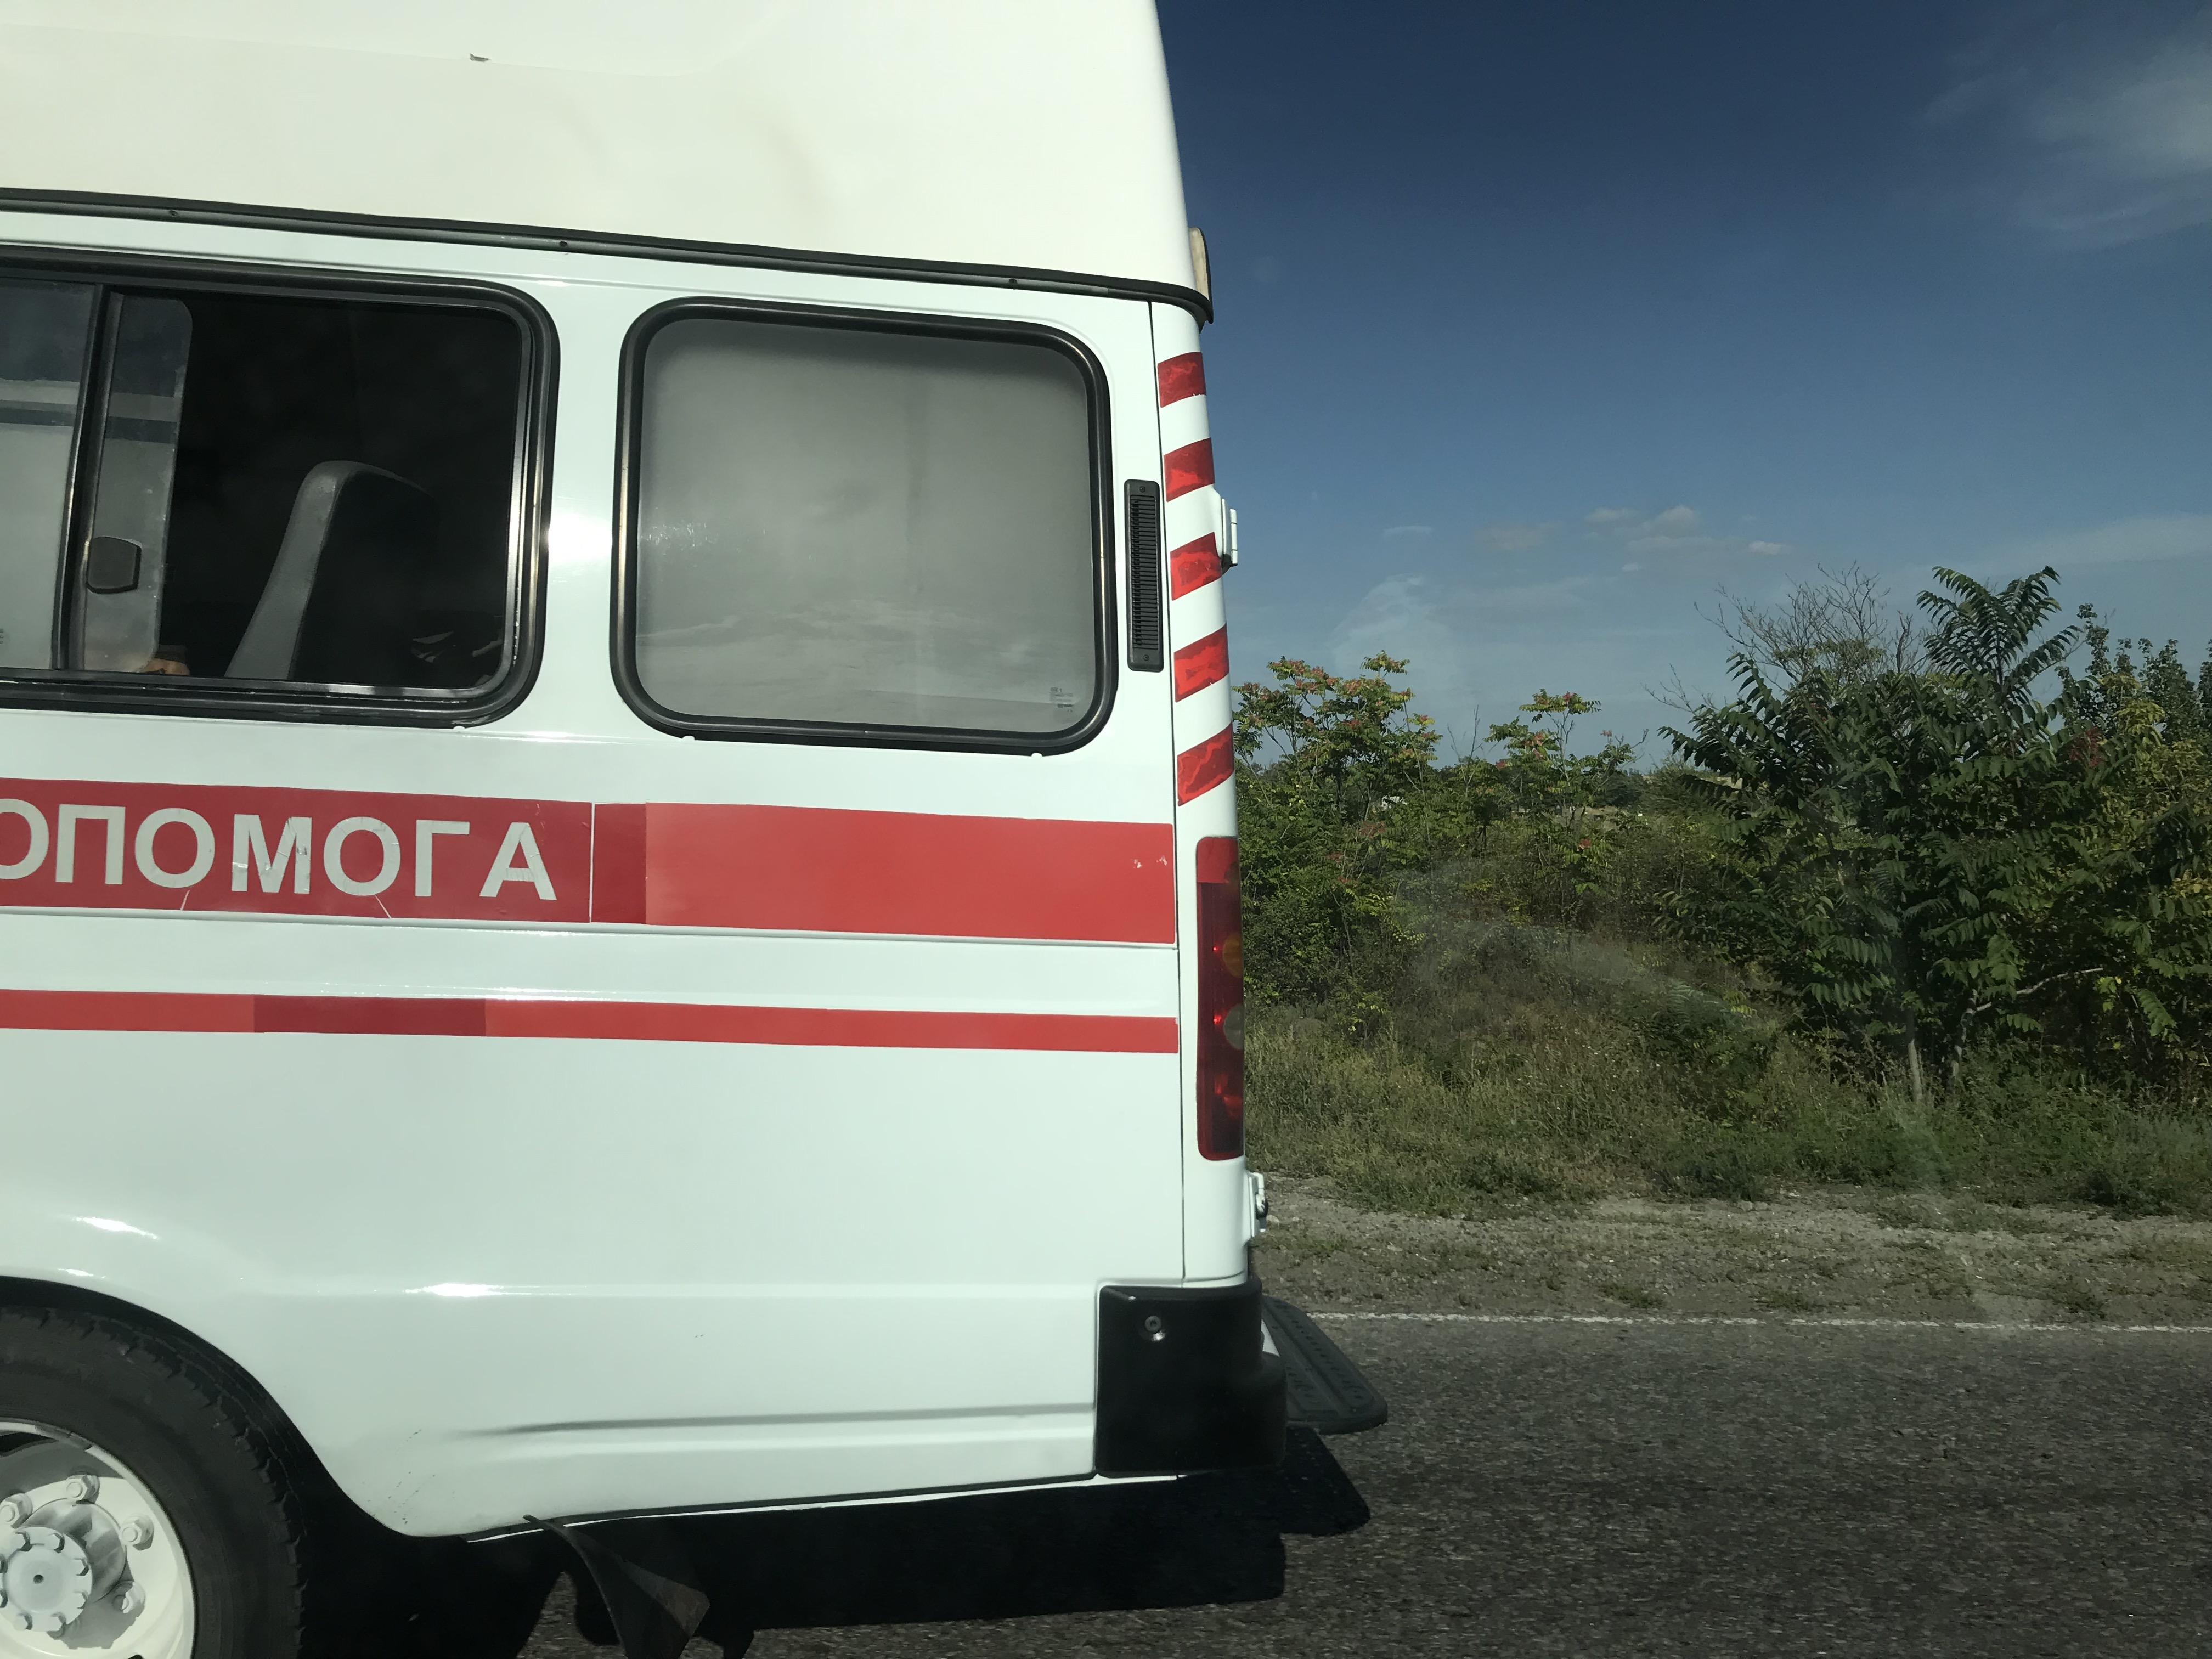 Из-за сразу двух ДТП на запорожской трассе практически остановилось движение. Образовался длинный затор (Фото)